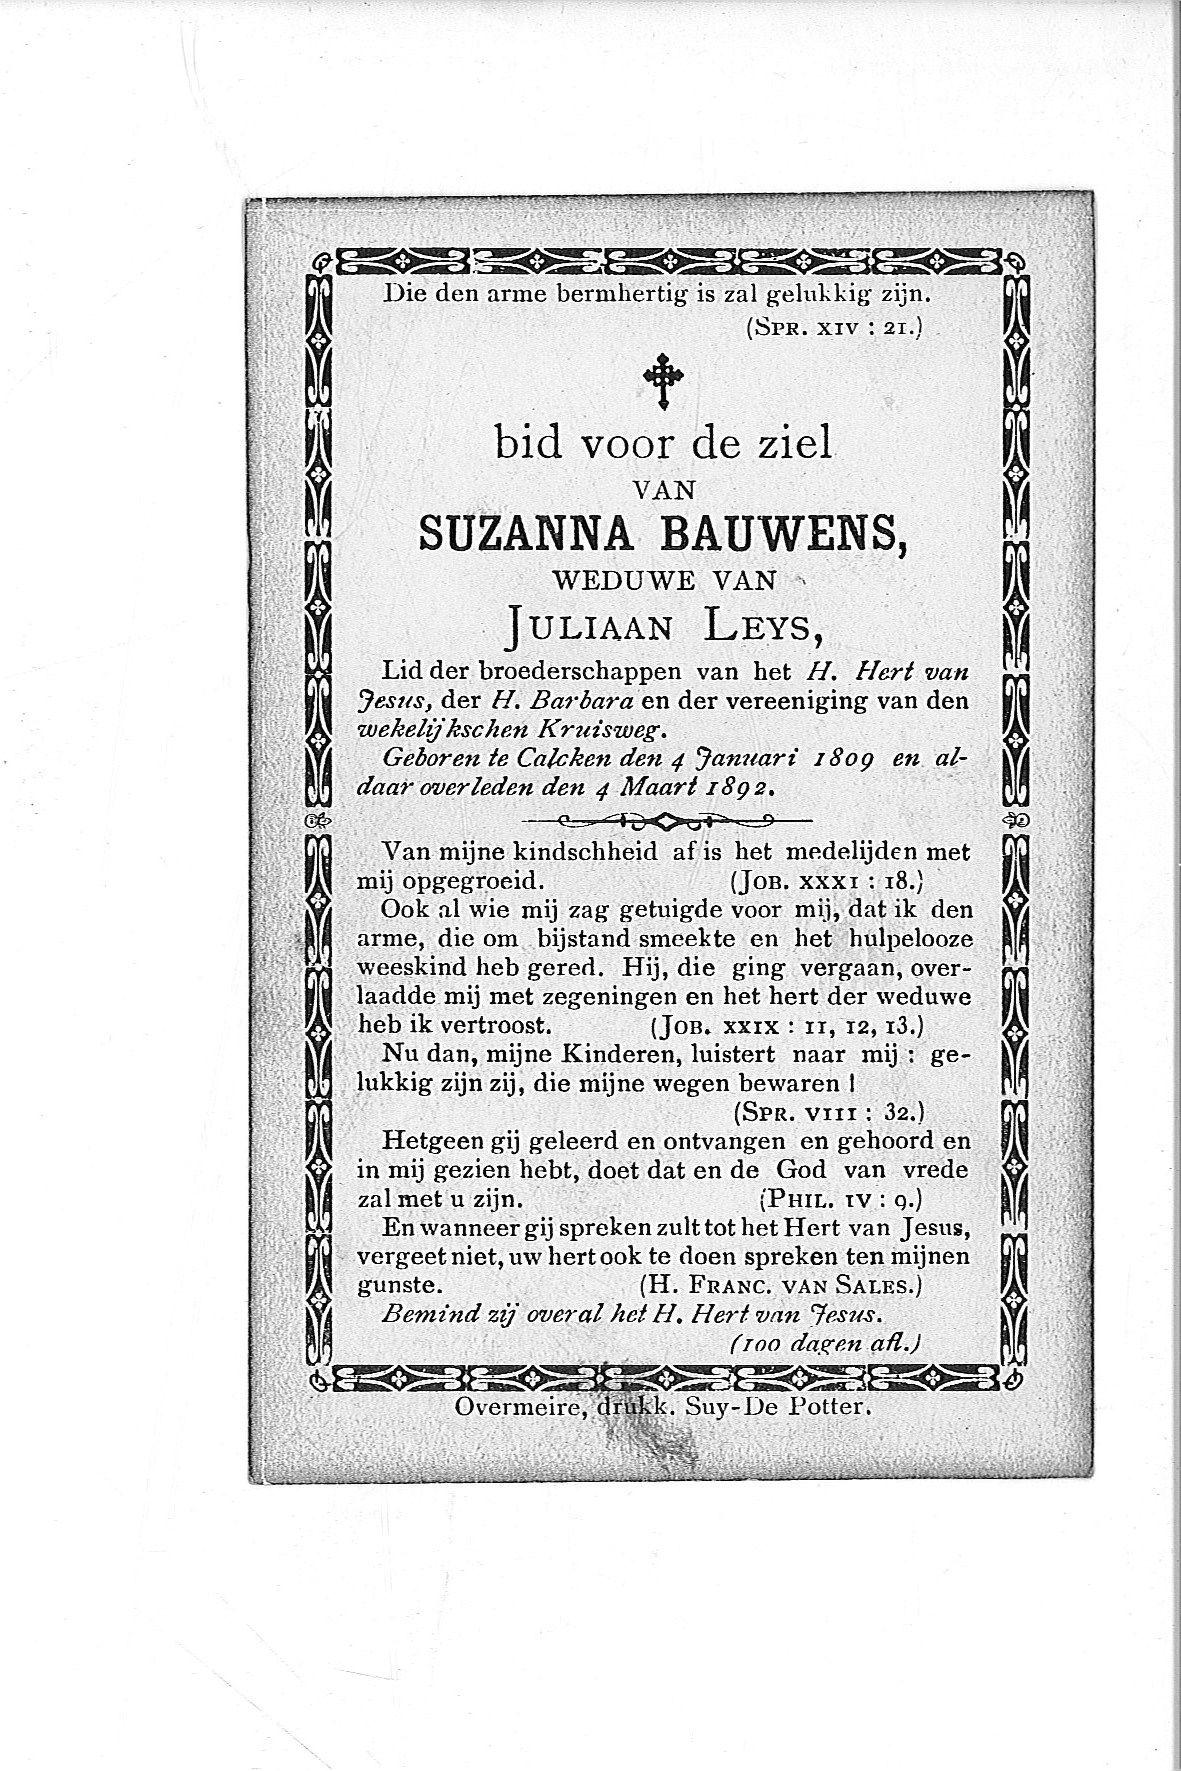 suzanna(1893)20090723110044_00039.jpg